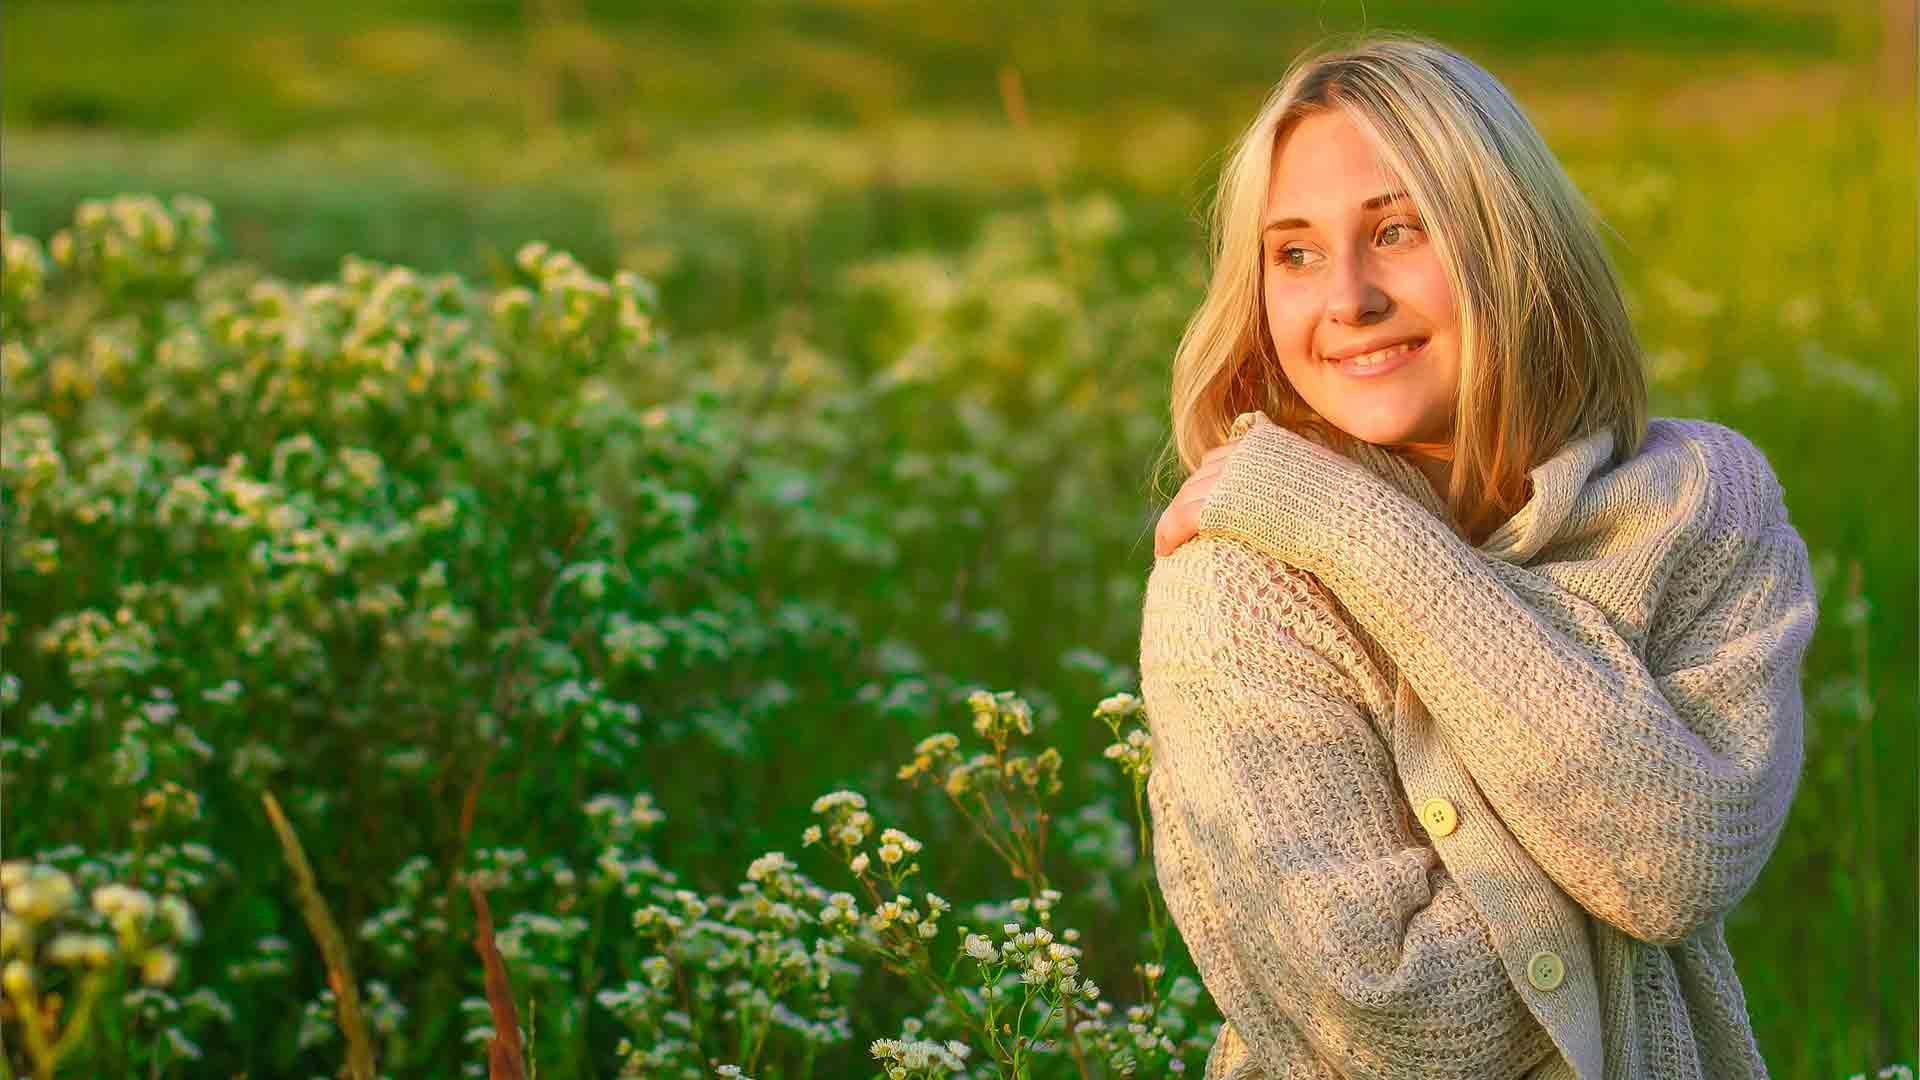 Nebenwirkungen einer Fußreflexzonenmassage – eine positive Reaktion